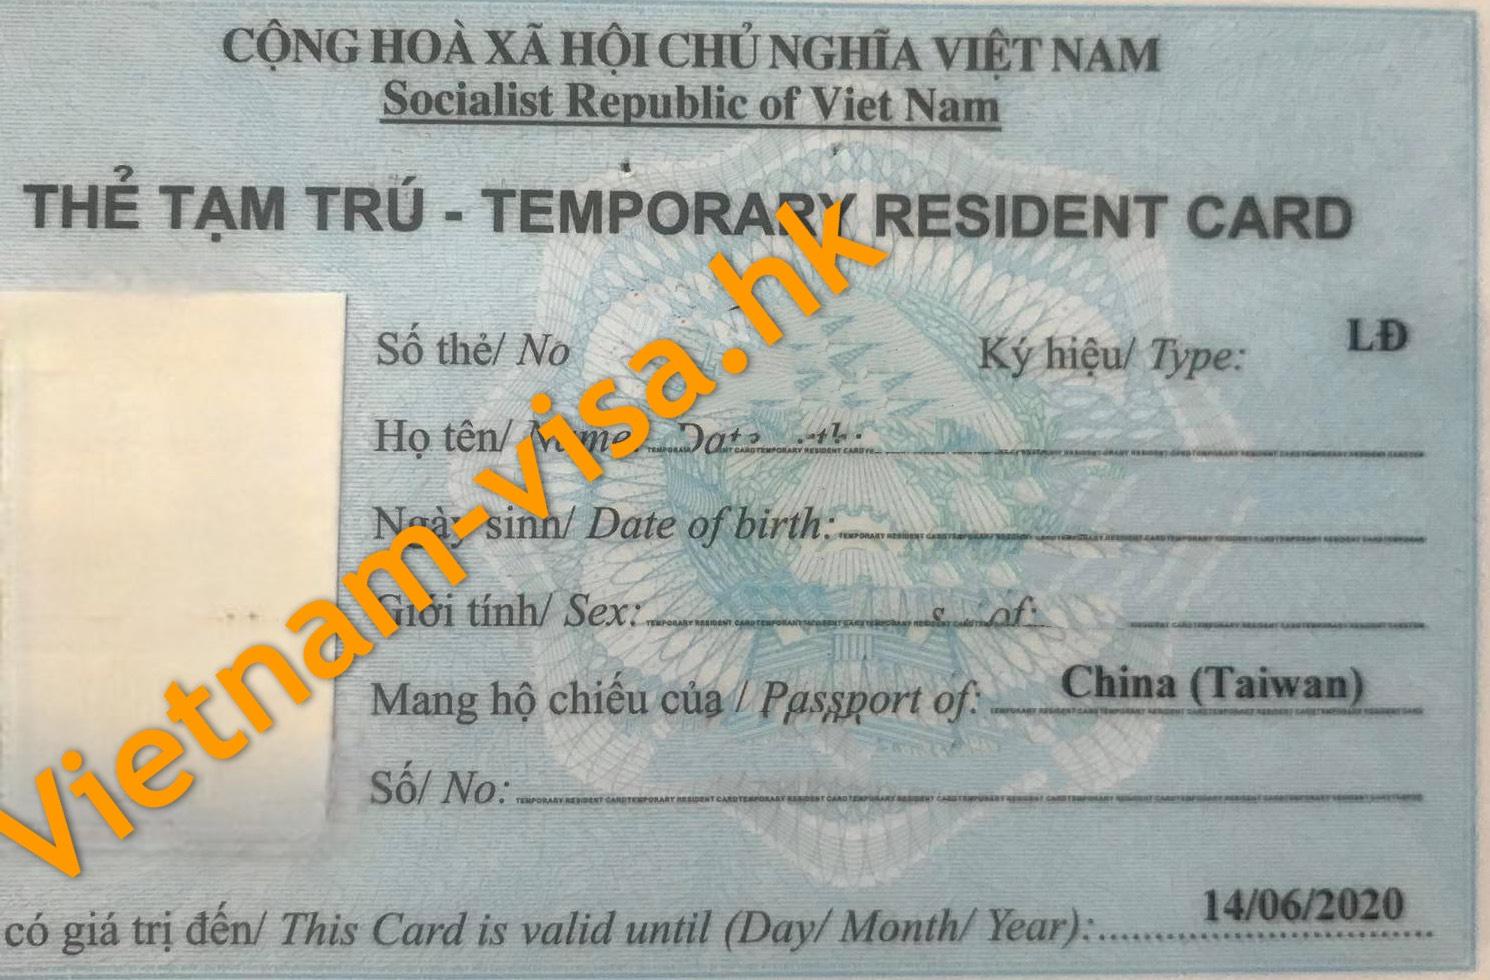 辦理越南臨時居留卡(Vietnam temporary residence card)的條件和程序